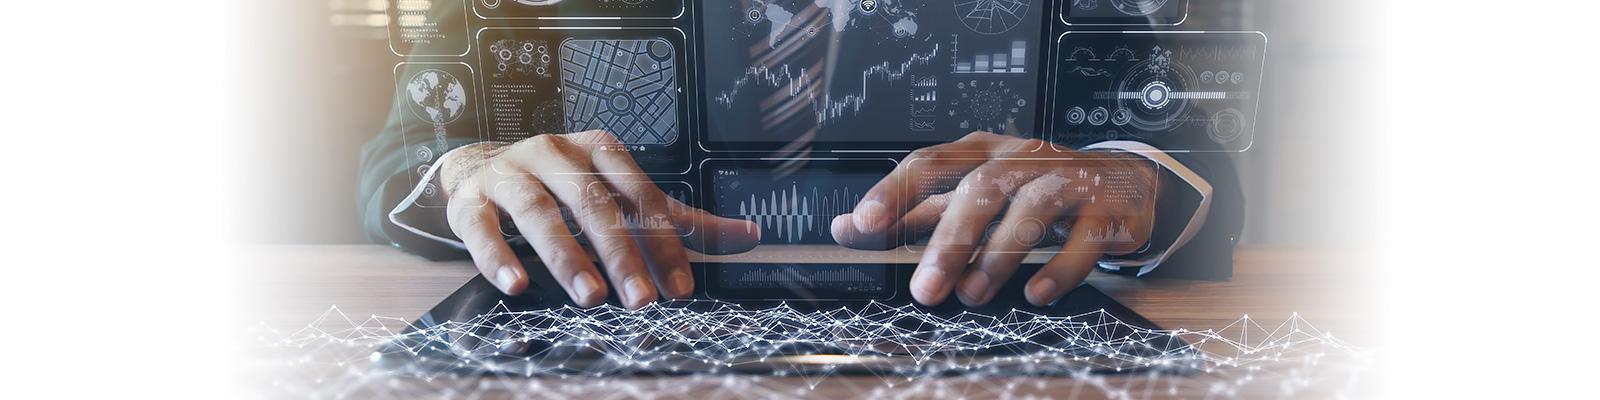 ネットワーク ワークスタイル セキュリティ イメージ